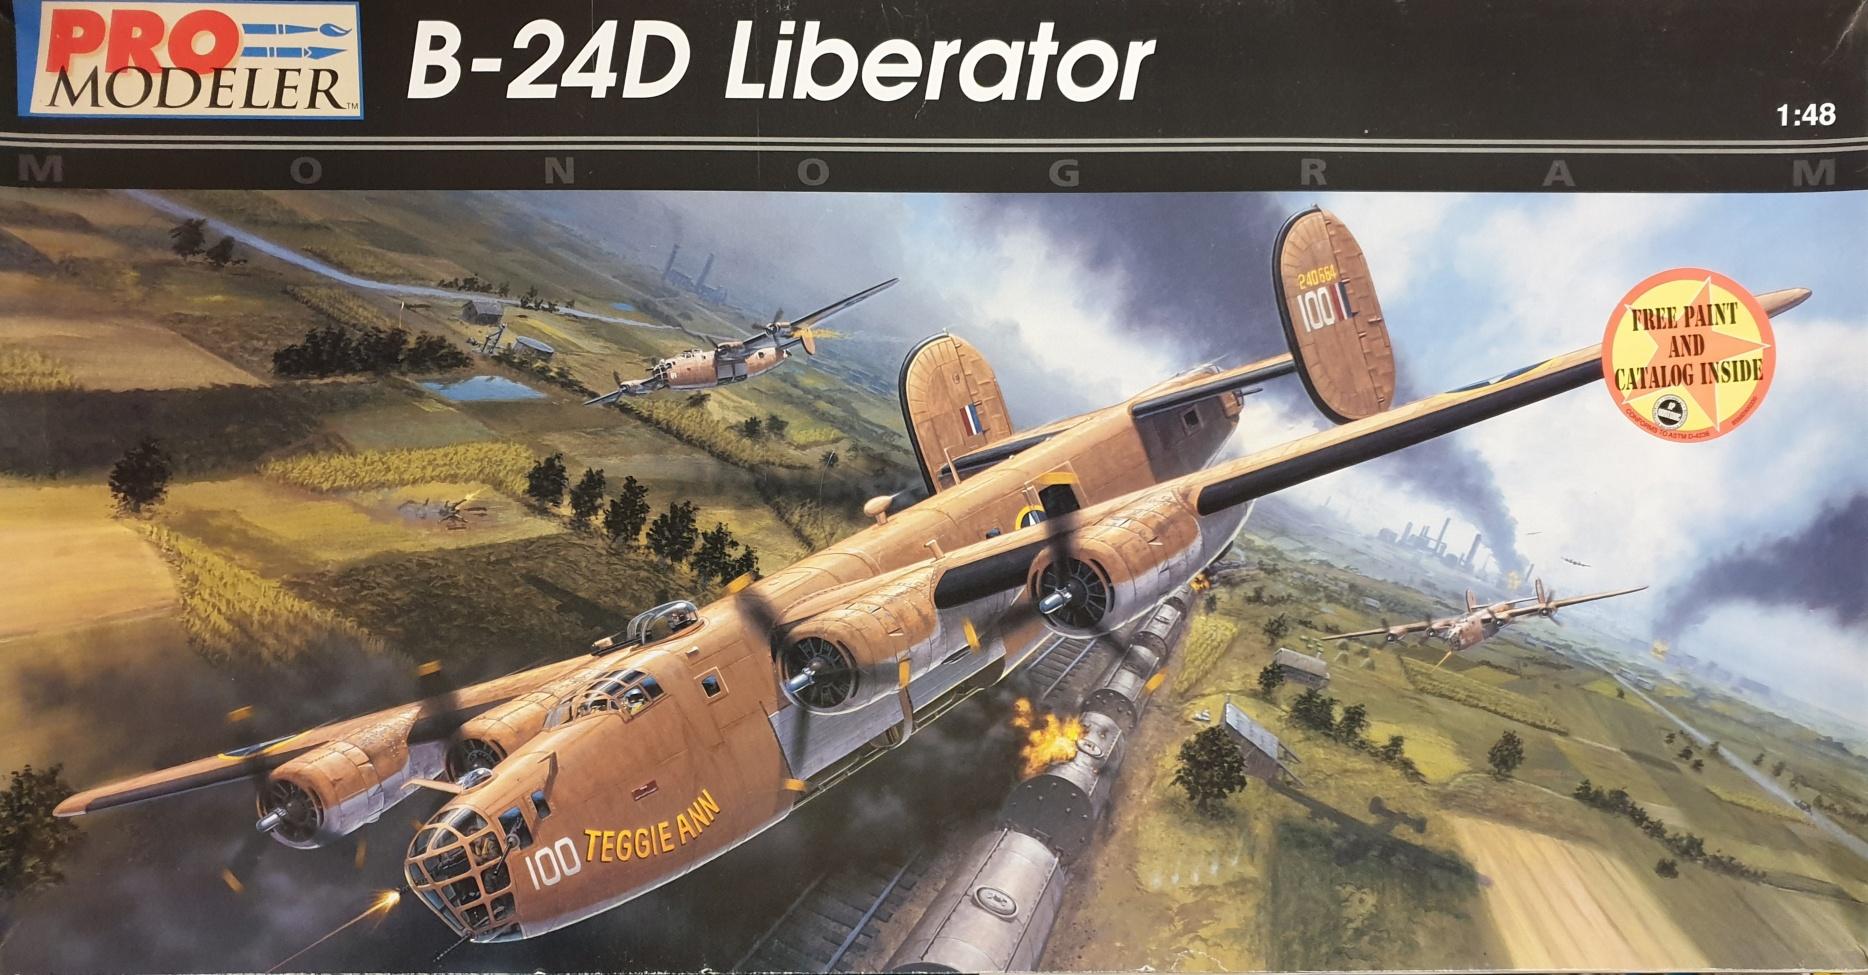 Monogram 5932 B-24D Liberator